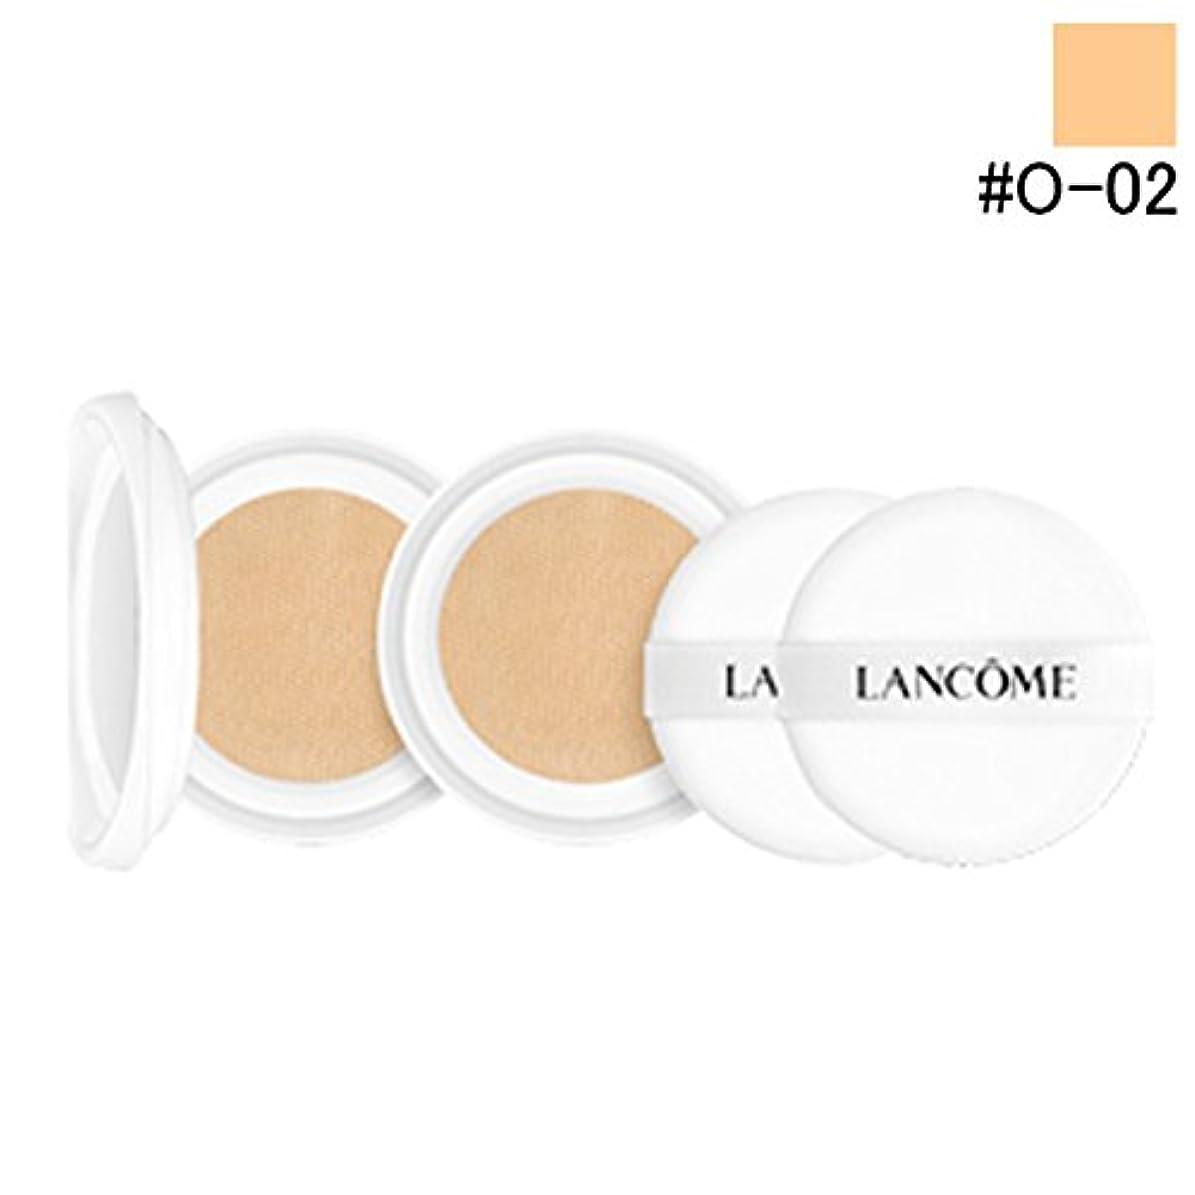 純粋な快い乳剤ランコム(LANCOME) ブラン エクスペール クッション コンパクト H (レフィル2個) #O-02 SPF50+/PA+++ 13gx2[並行輸入品]